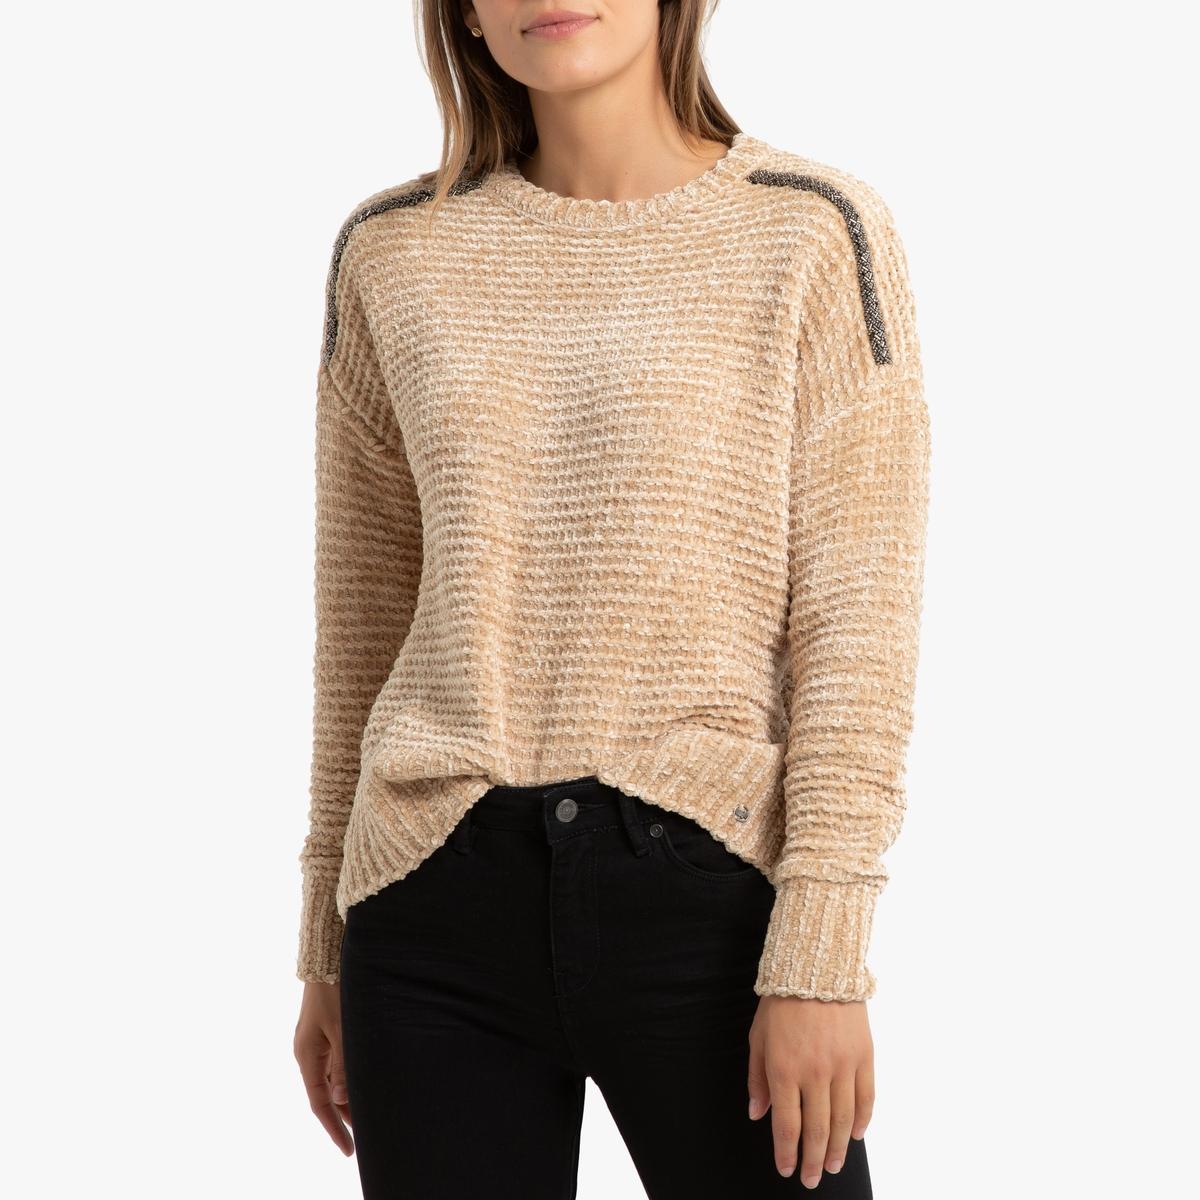 Пуловер La Redoute Из трикотажа из шенильной пряжи со стразами на плечах L бежевый пуловер la redoute из тонкого трикотажа со шнуровкой l бежевый